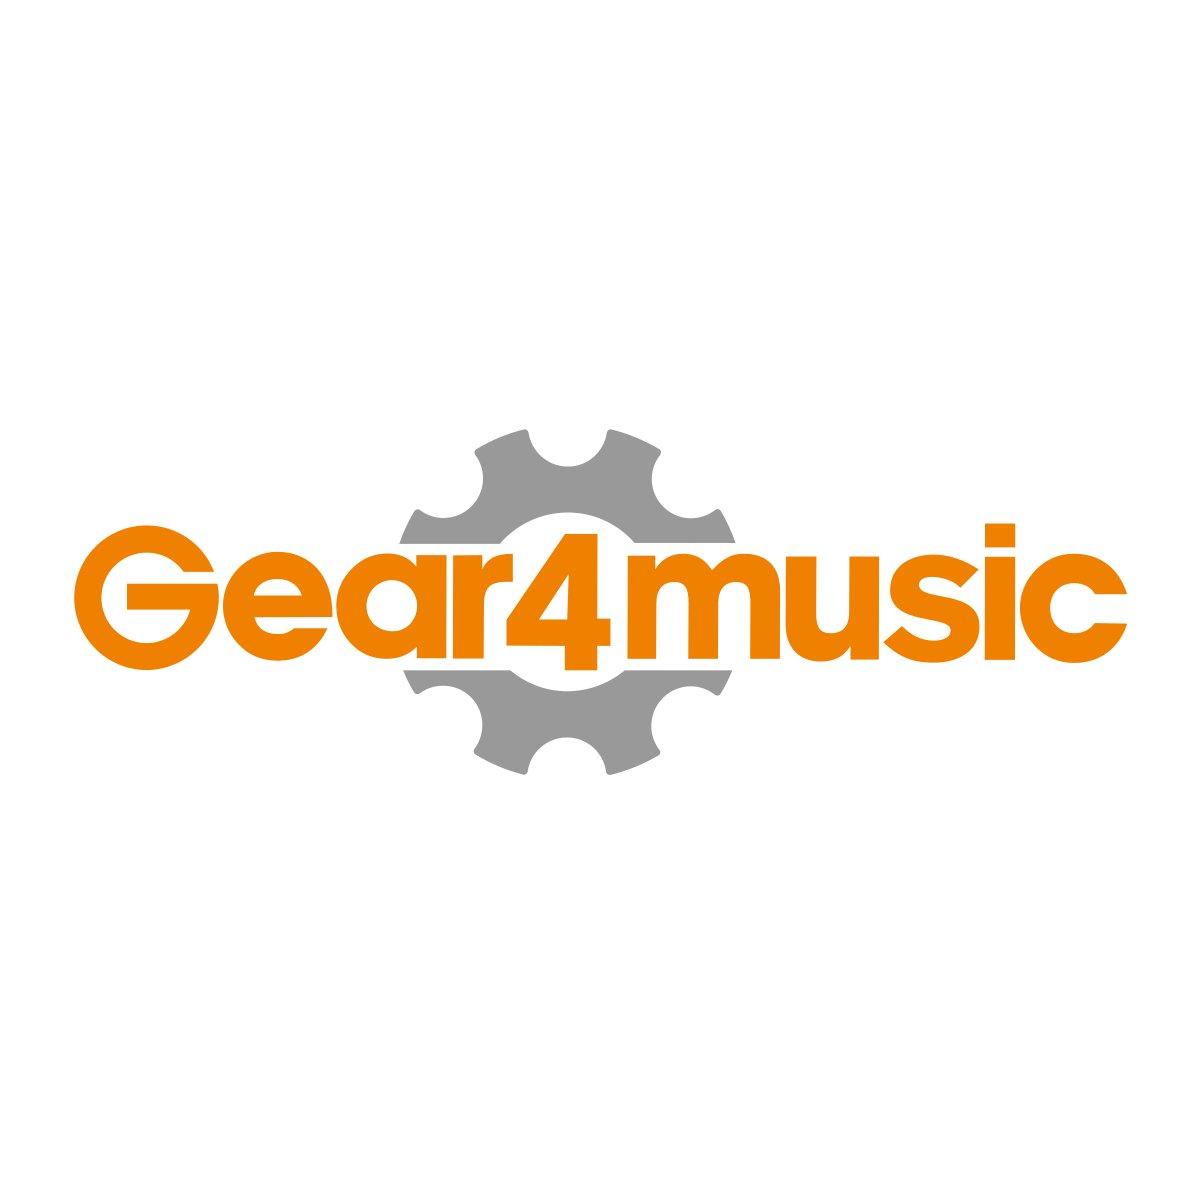 14-tums X 5,5-tums Marschvirveltrumma med Bärfäste, av Gear4music